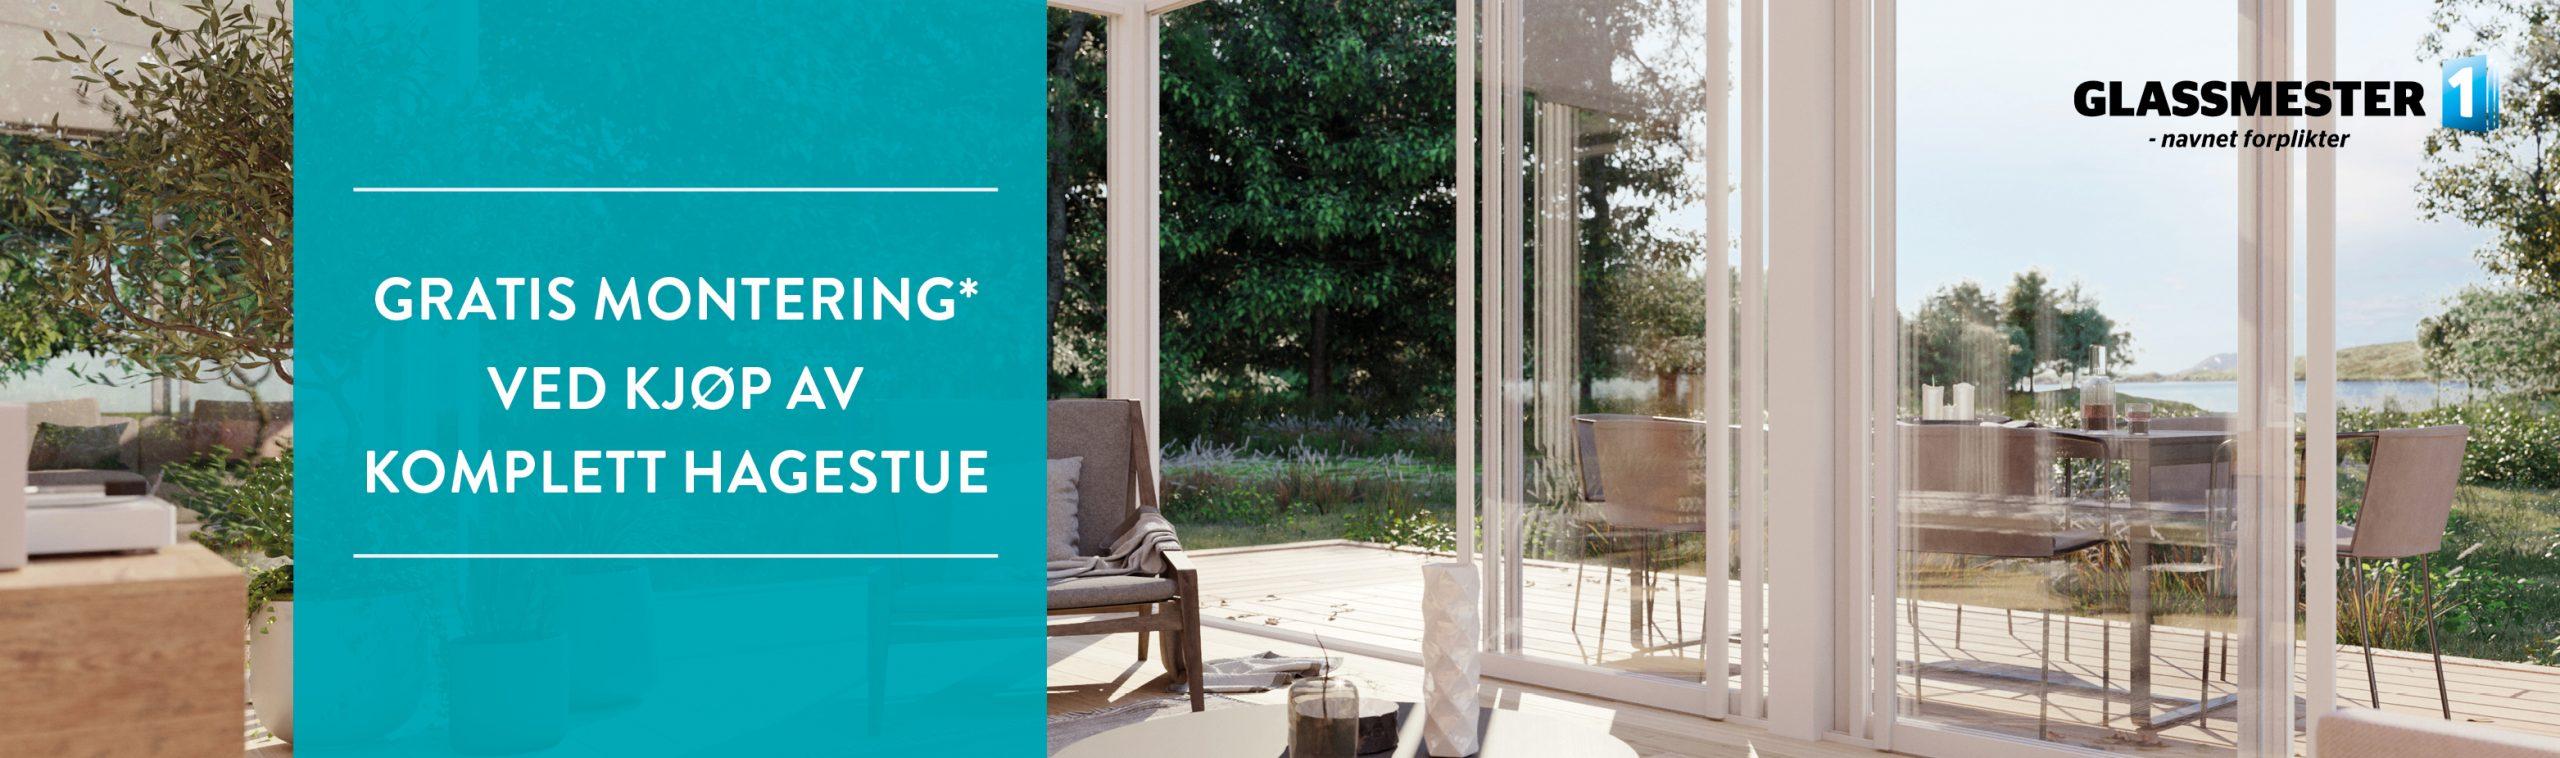 gratis montering ved kjøp av komplett hagestue hos Glassmester1 Kongsberg